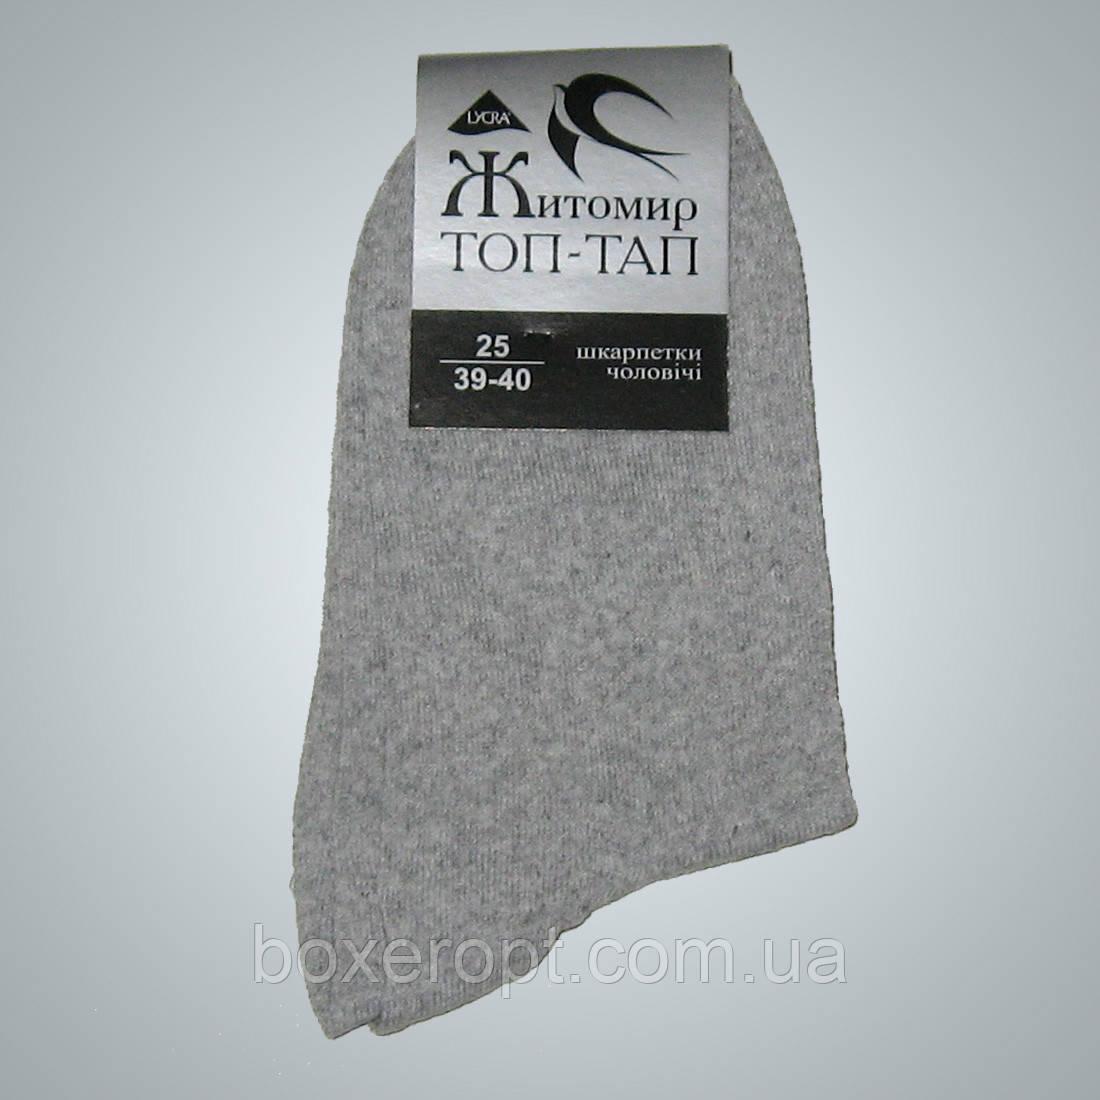 Мужские носки ТОП-ТАП - 7.00 грн./пара (стрейч, светло-серые)